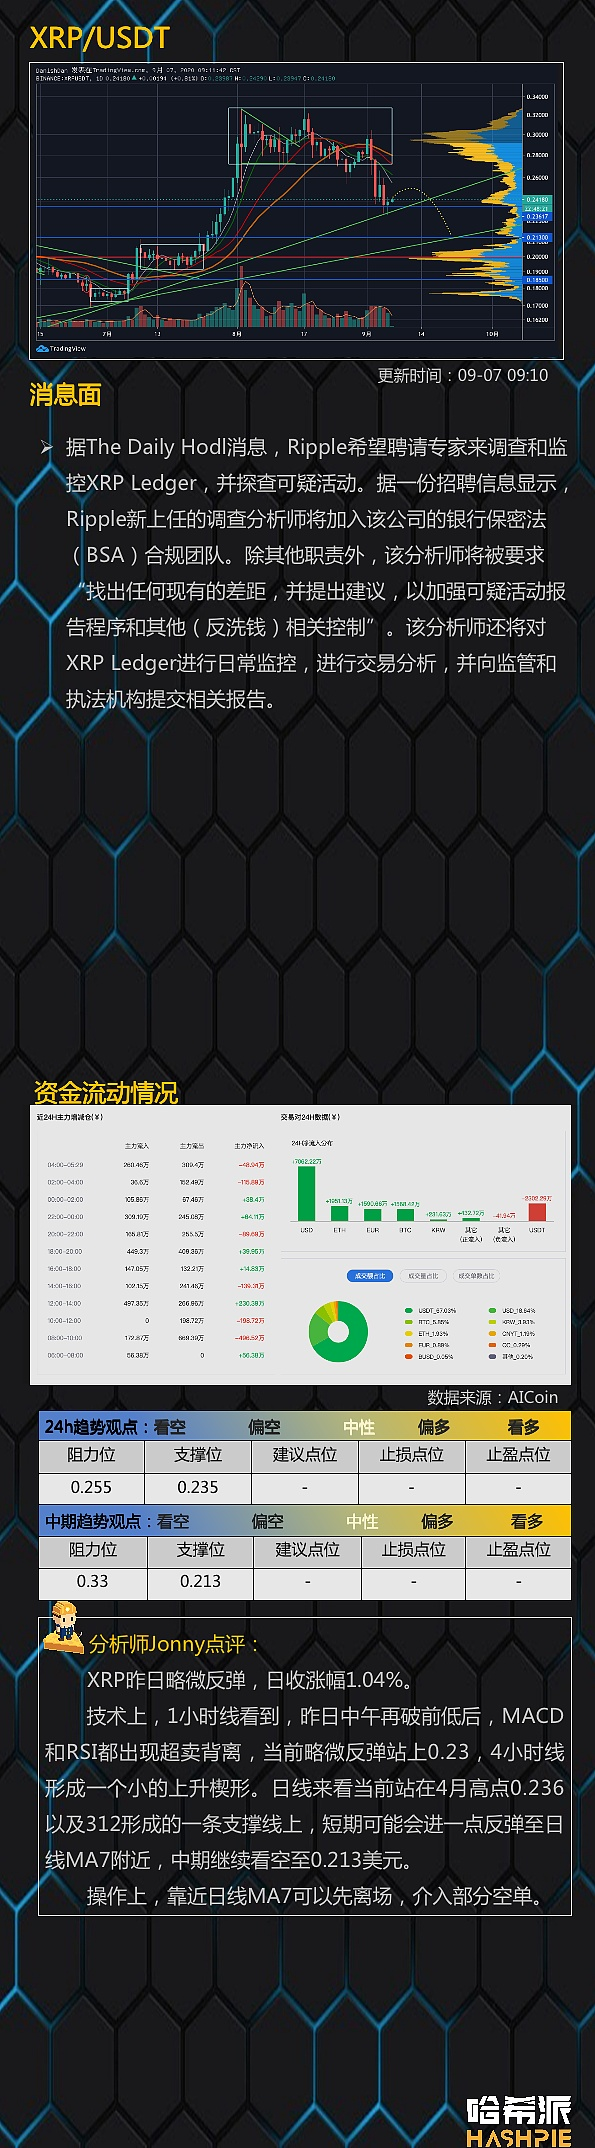 专业的投资摸金派_《缔造Filecoin经济》解读:首日单T抵押34.76枚